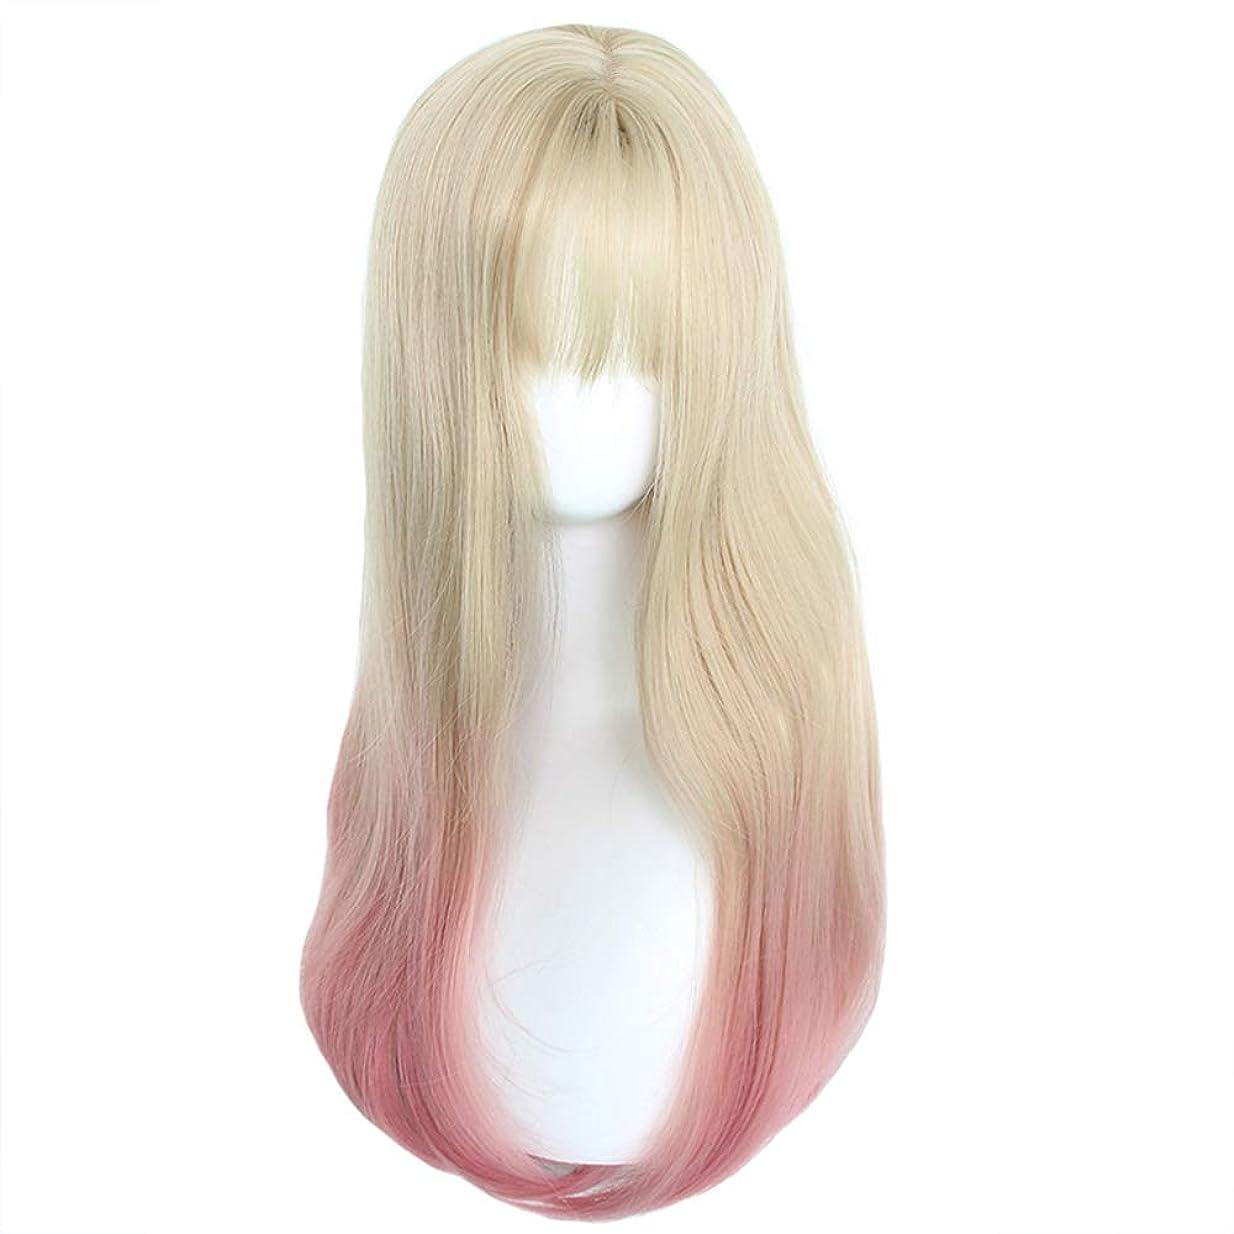 振り子苦しみガラガラかつら - ファッションロングロールリューハイウィッグレディハロウィンコスプレヒートナチュラル60センチメートルライトゴールドグラデーションピンク (色 : Pink, サイズ さいず : 60 cm 60 cm)